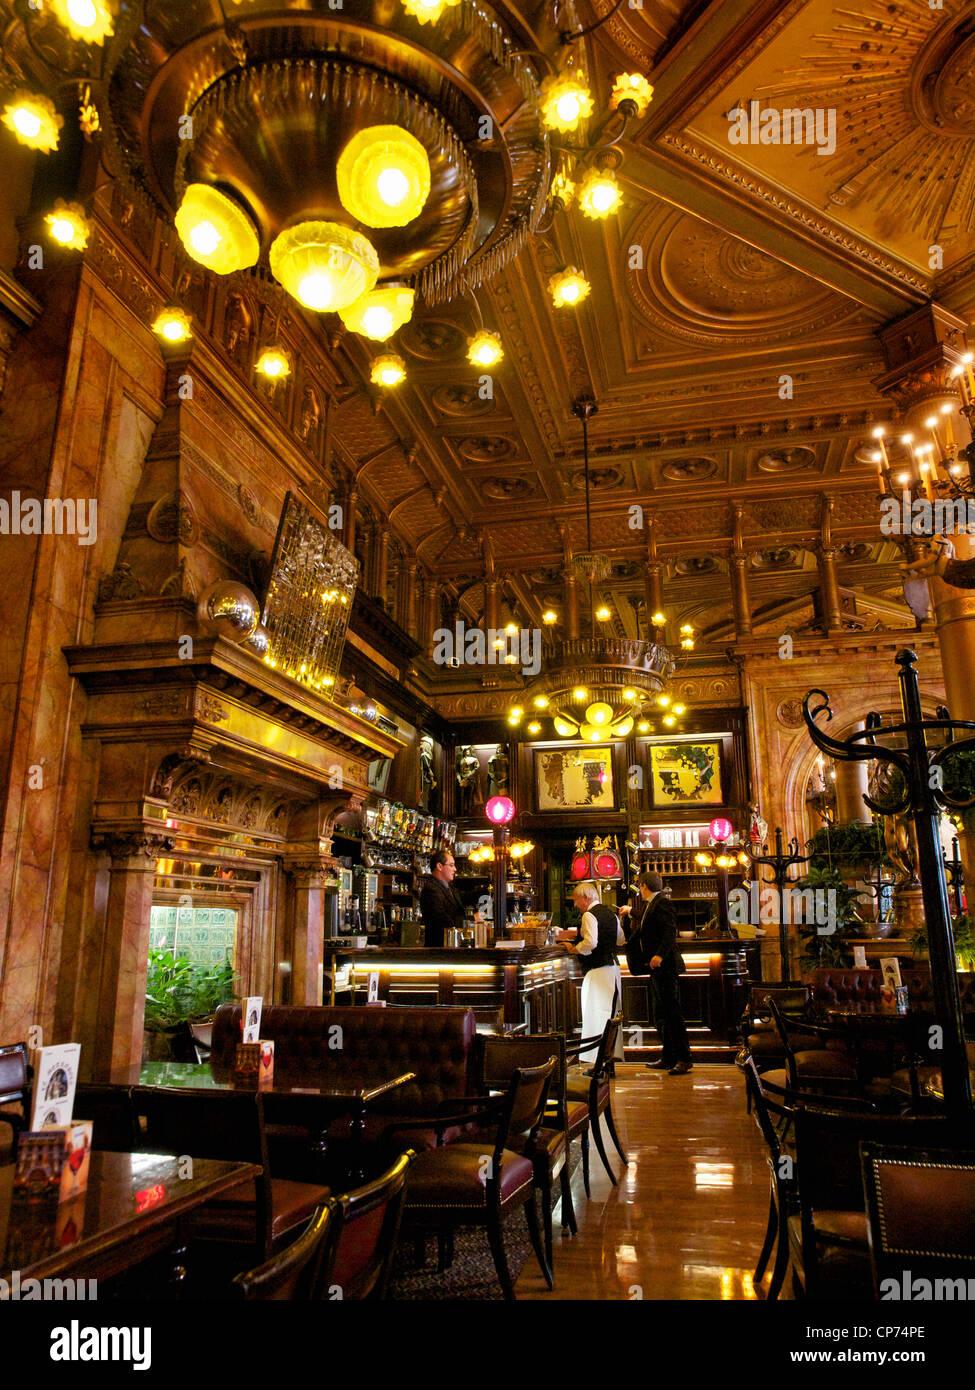 Die Bar des berühmten Hotel Metropole verfügt über eine spektakuläre historische Inneneinrichtung. Stockbild